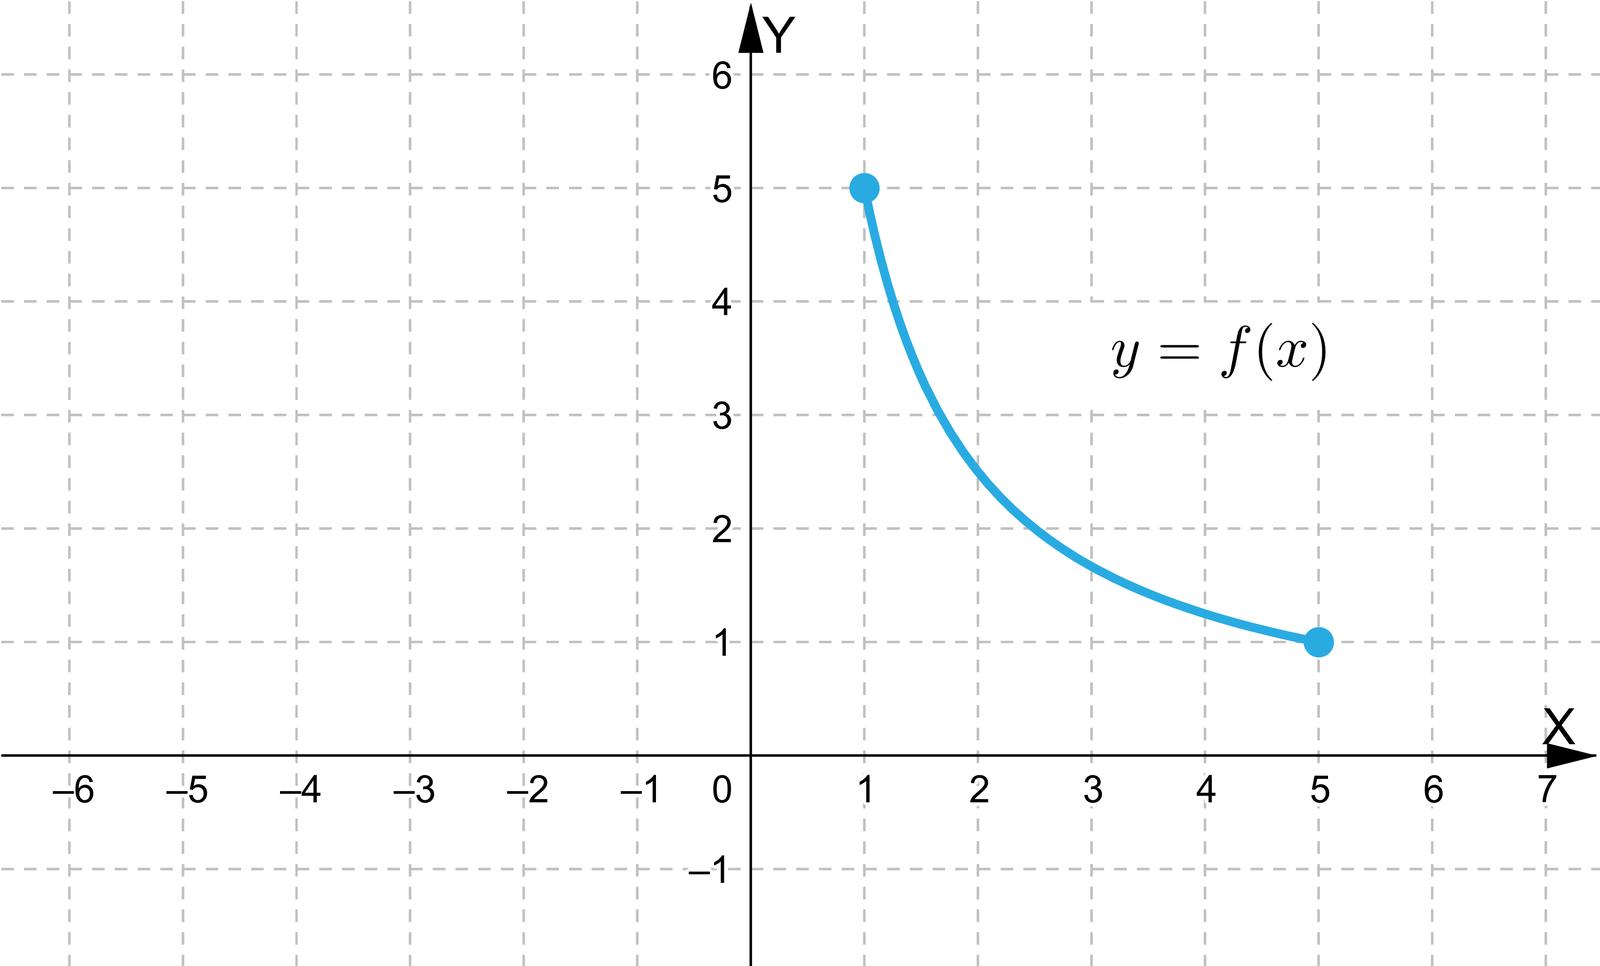 Ilustracja przedstawia układ współrzędnych zpoziomą osią X od minus sześciu do sześciu oraz zpionową osią Y od minus jeden do sześciu. Wykres funkcji leży wpierwszej ćwiartce, jest włukowatym kształcie owybrzuszeniu skierowanym wstronę początku układu współrzędnych. Wykres podobny jest do wykresu funkcji 1x, jednak jest bardziej odsunięty od punktu 0;0. Początek wykresu znajduje się wpunkcie 1;5, akoniec wpunkcie 5;1.